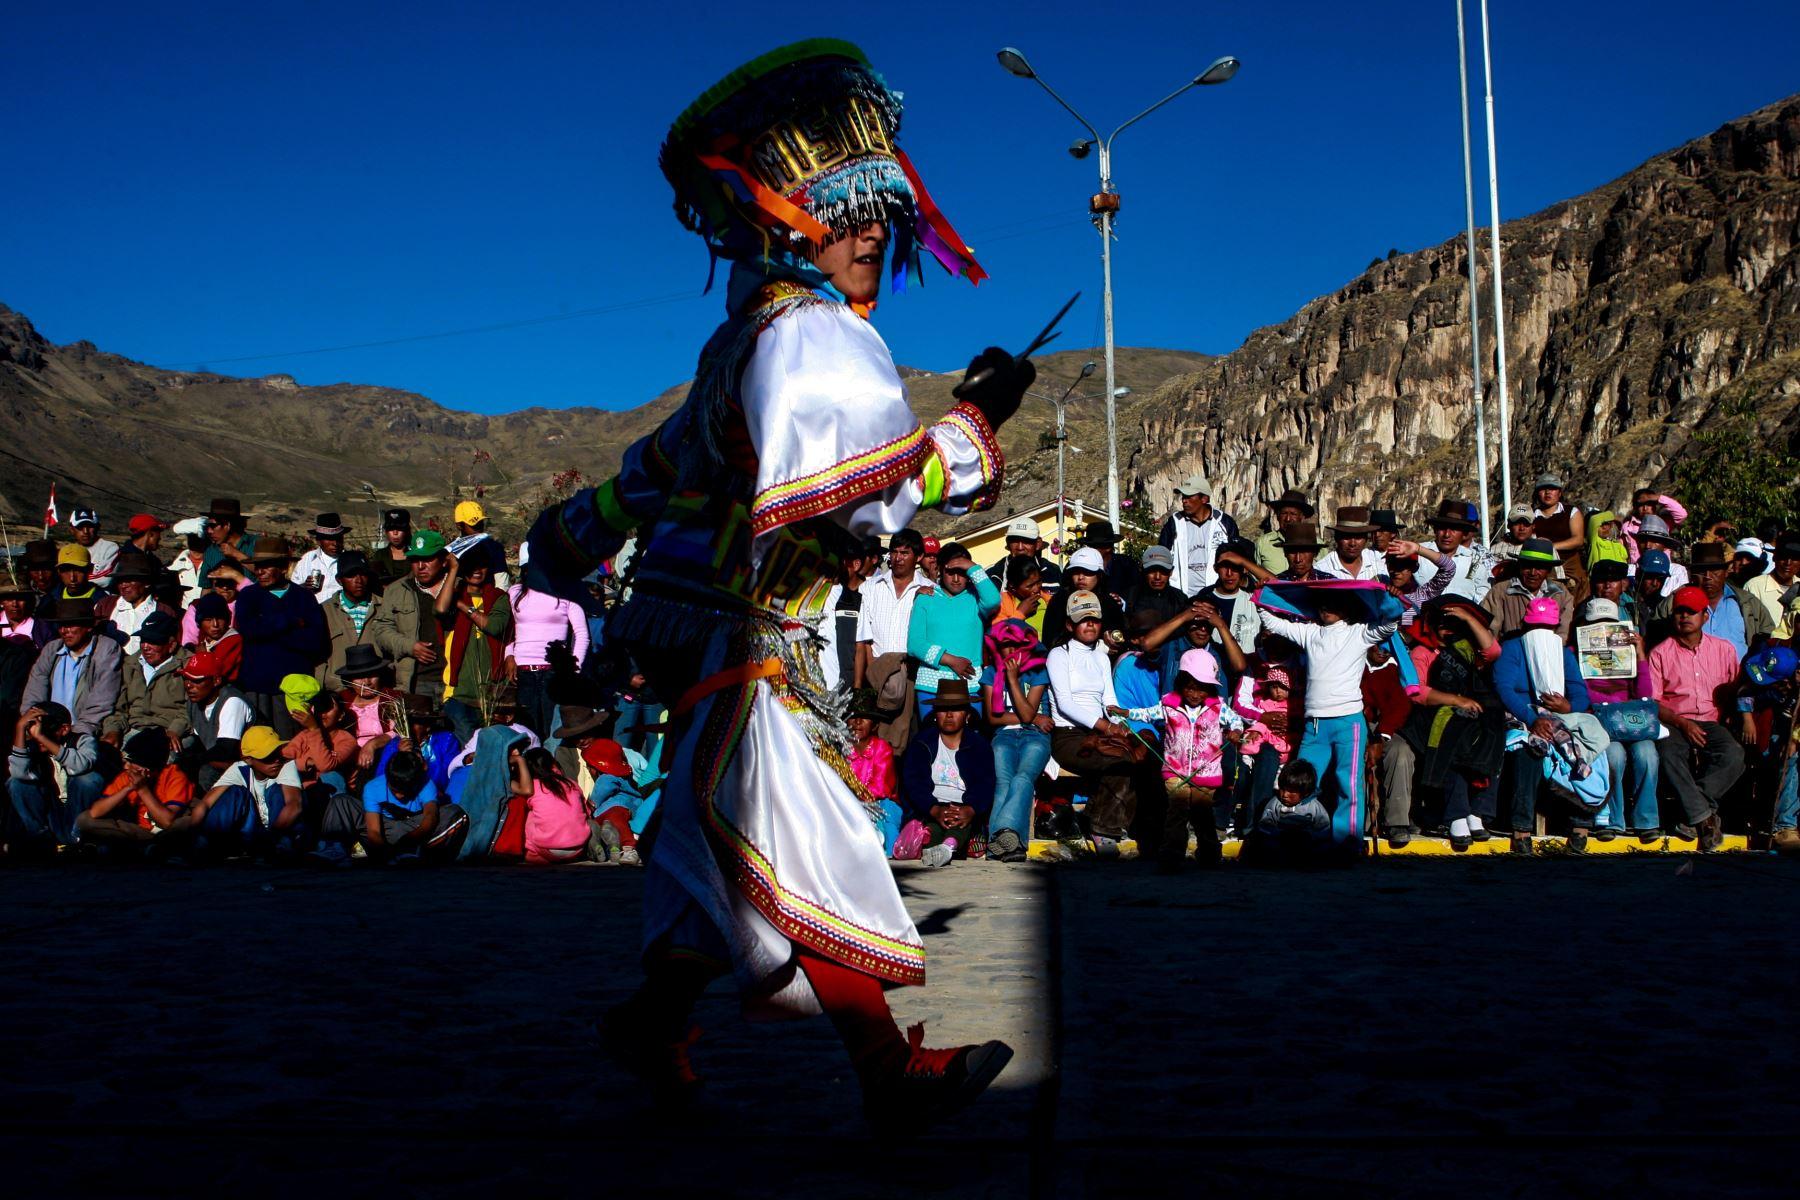 La fiesta empieza y en todos los actos participan los danzantes de tijeras. Durante toda la festividad se celebran competencias en la mañana y al caer el sol. El misticismo se siente en cada baile de estos danzantes. Foto: ANDINA/Carlos Lezama